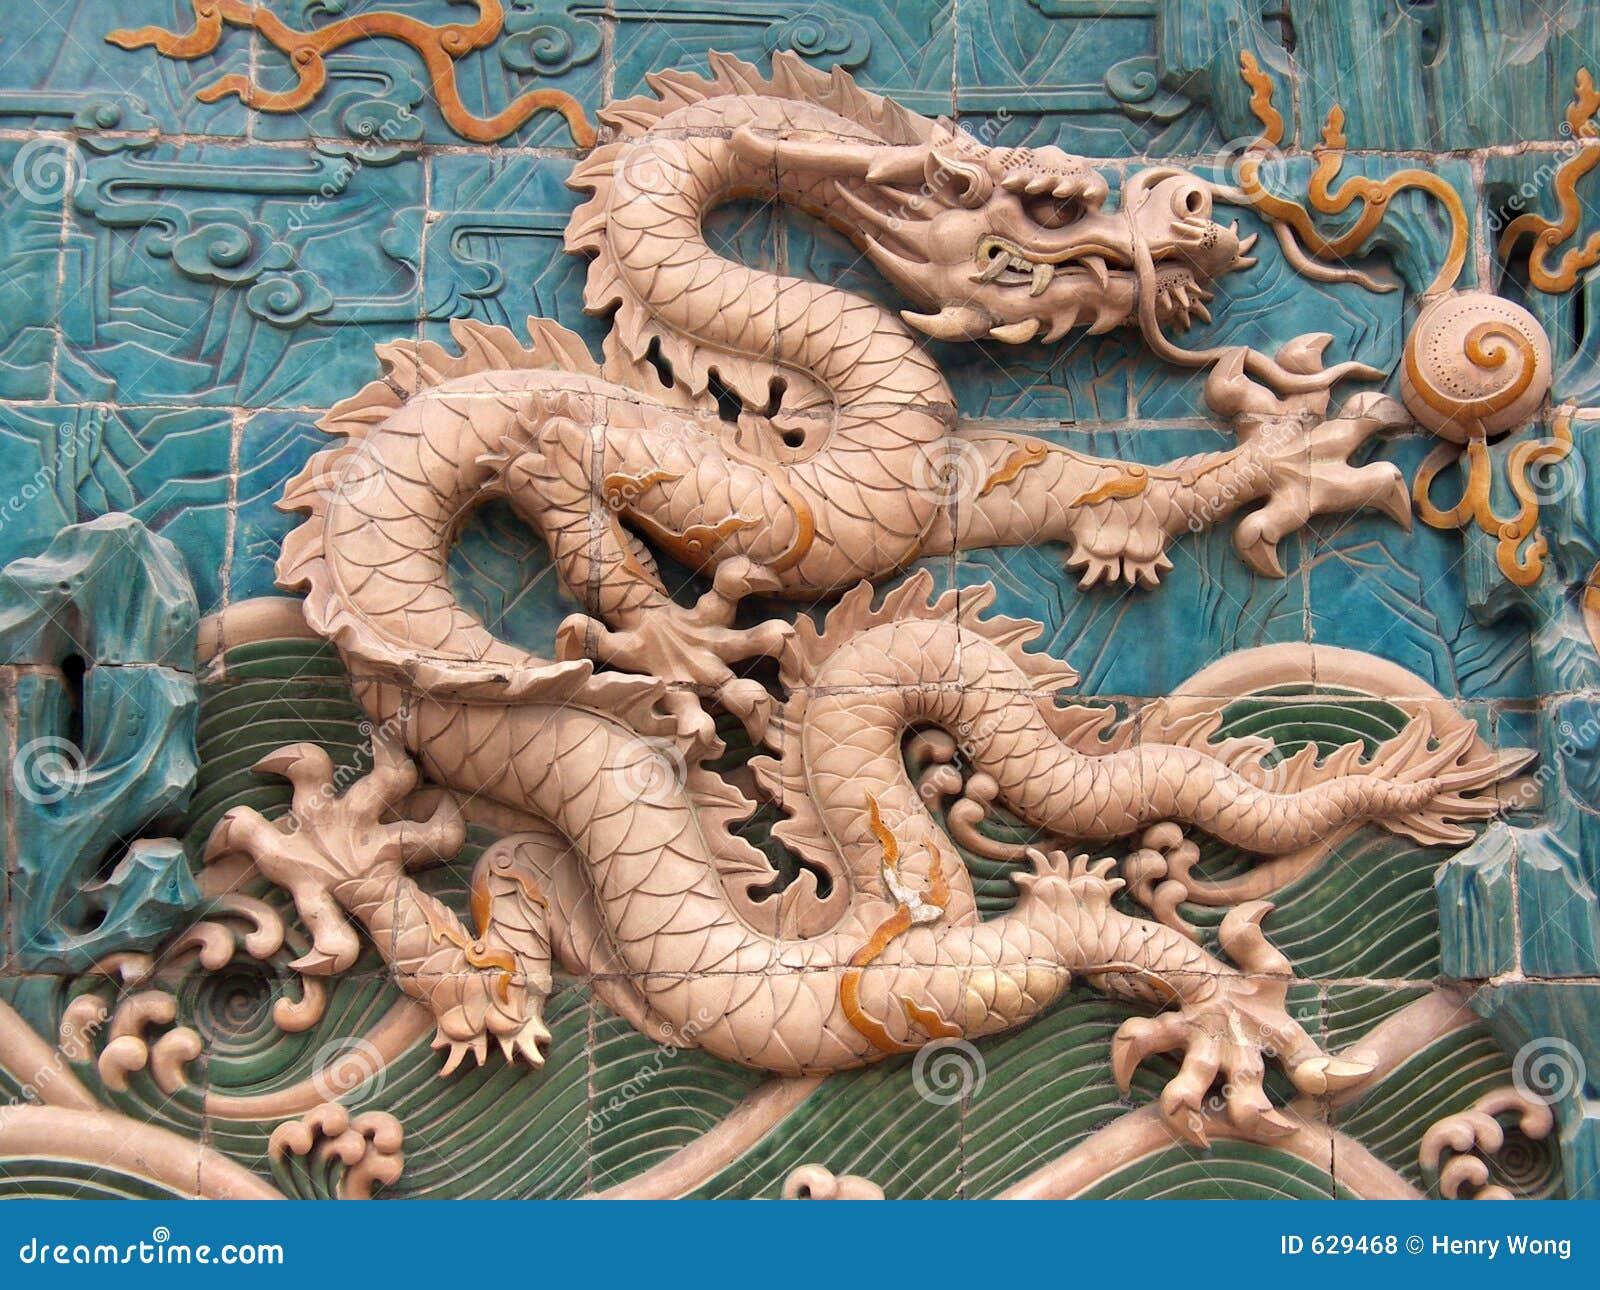 Download 1 настенная роспись дракона Стоковое Фото - изображение насчитывающей деталь, royalty: 629468